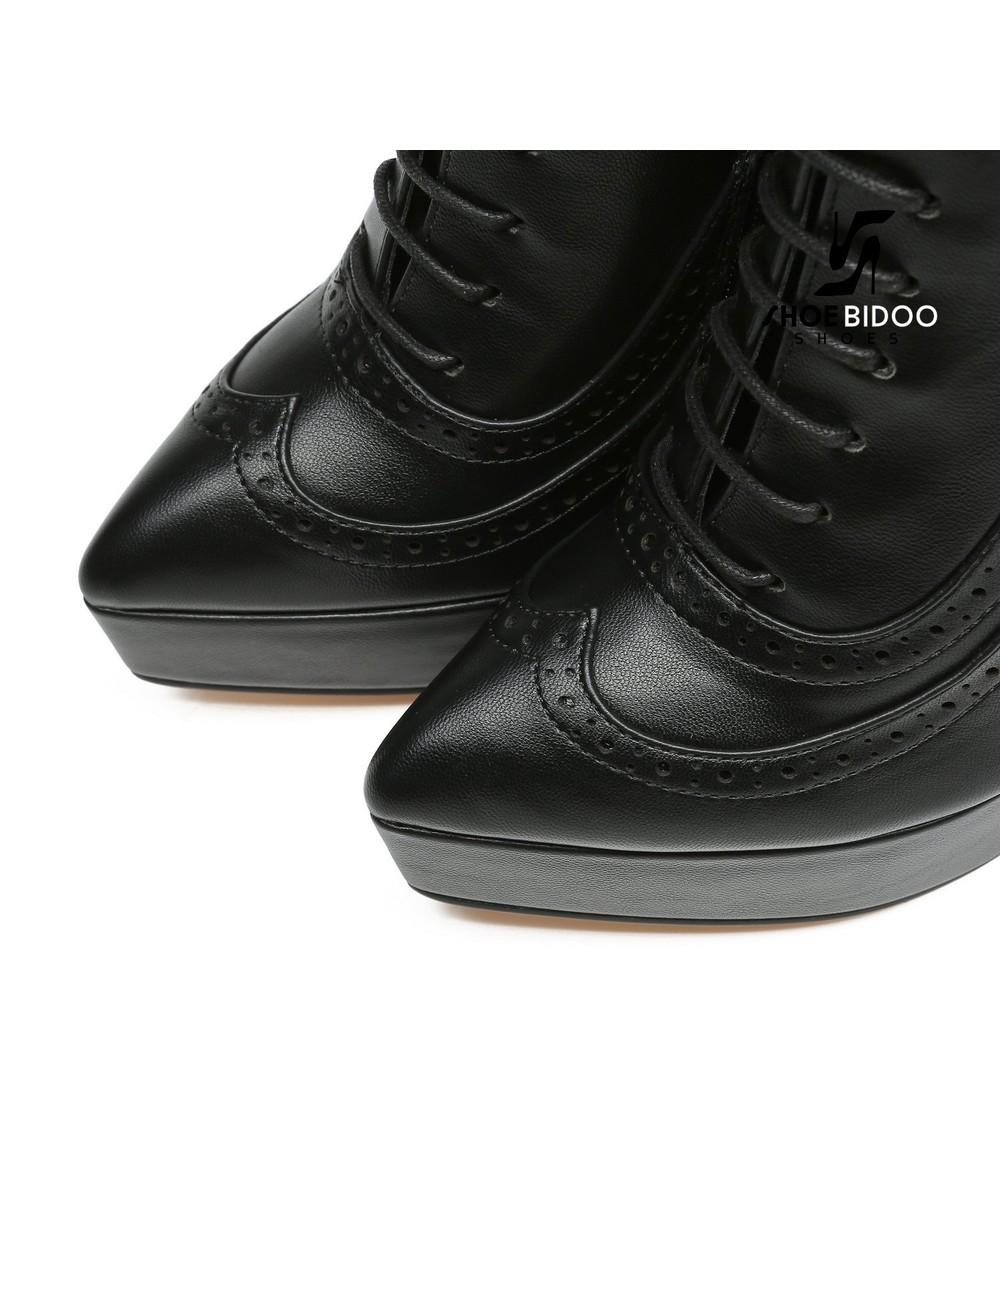 Giaro Giaro Platform Stiefeletten SHADY in schwarz